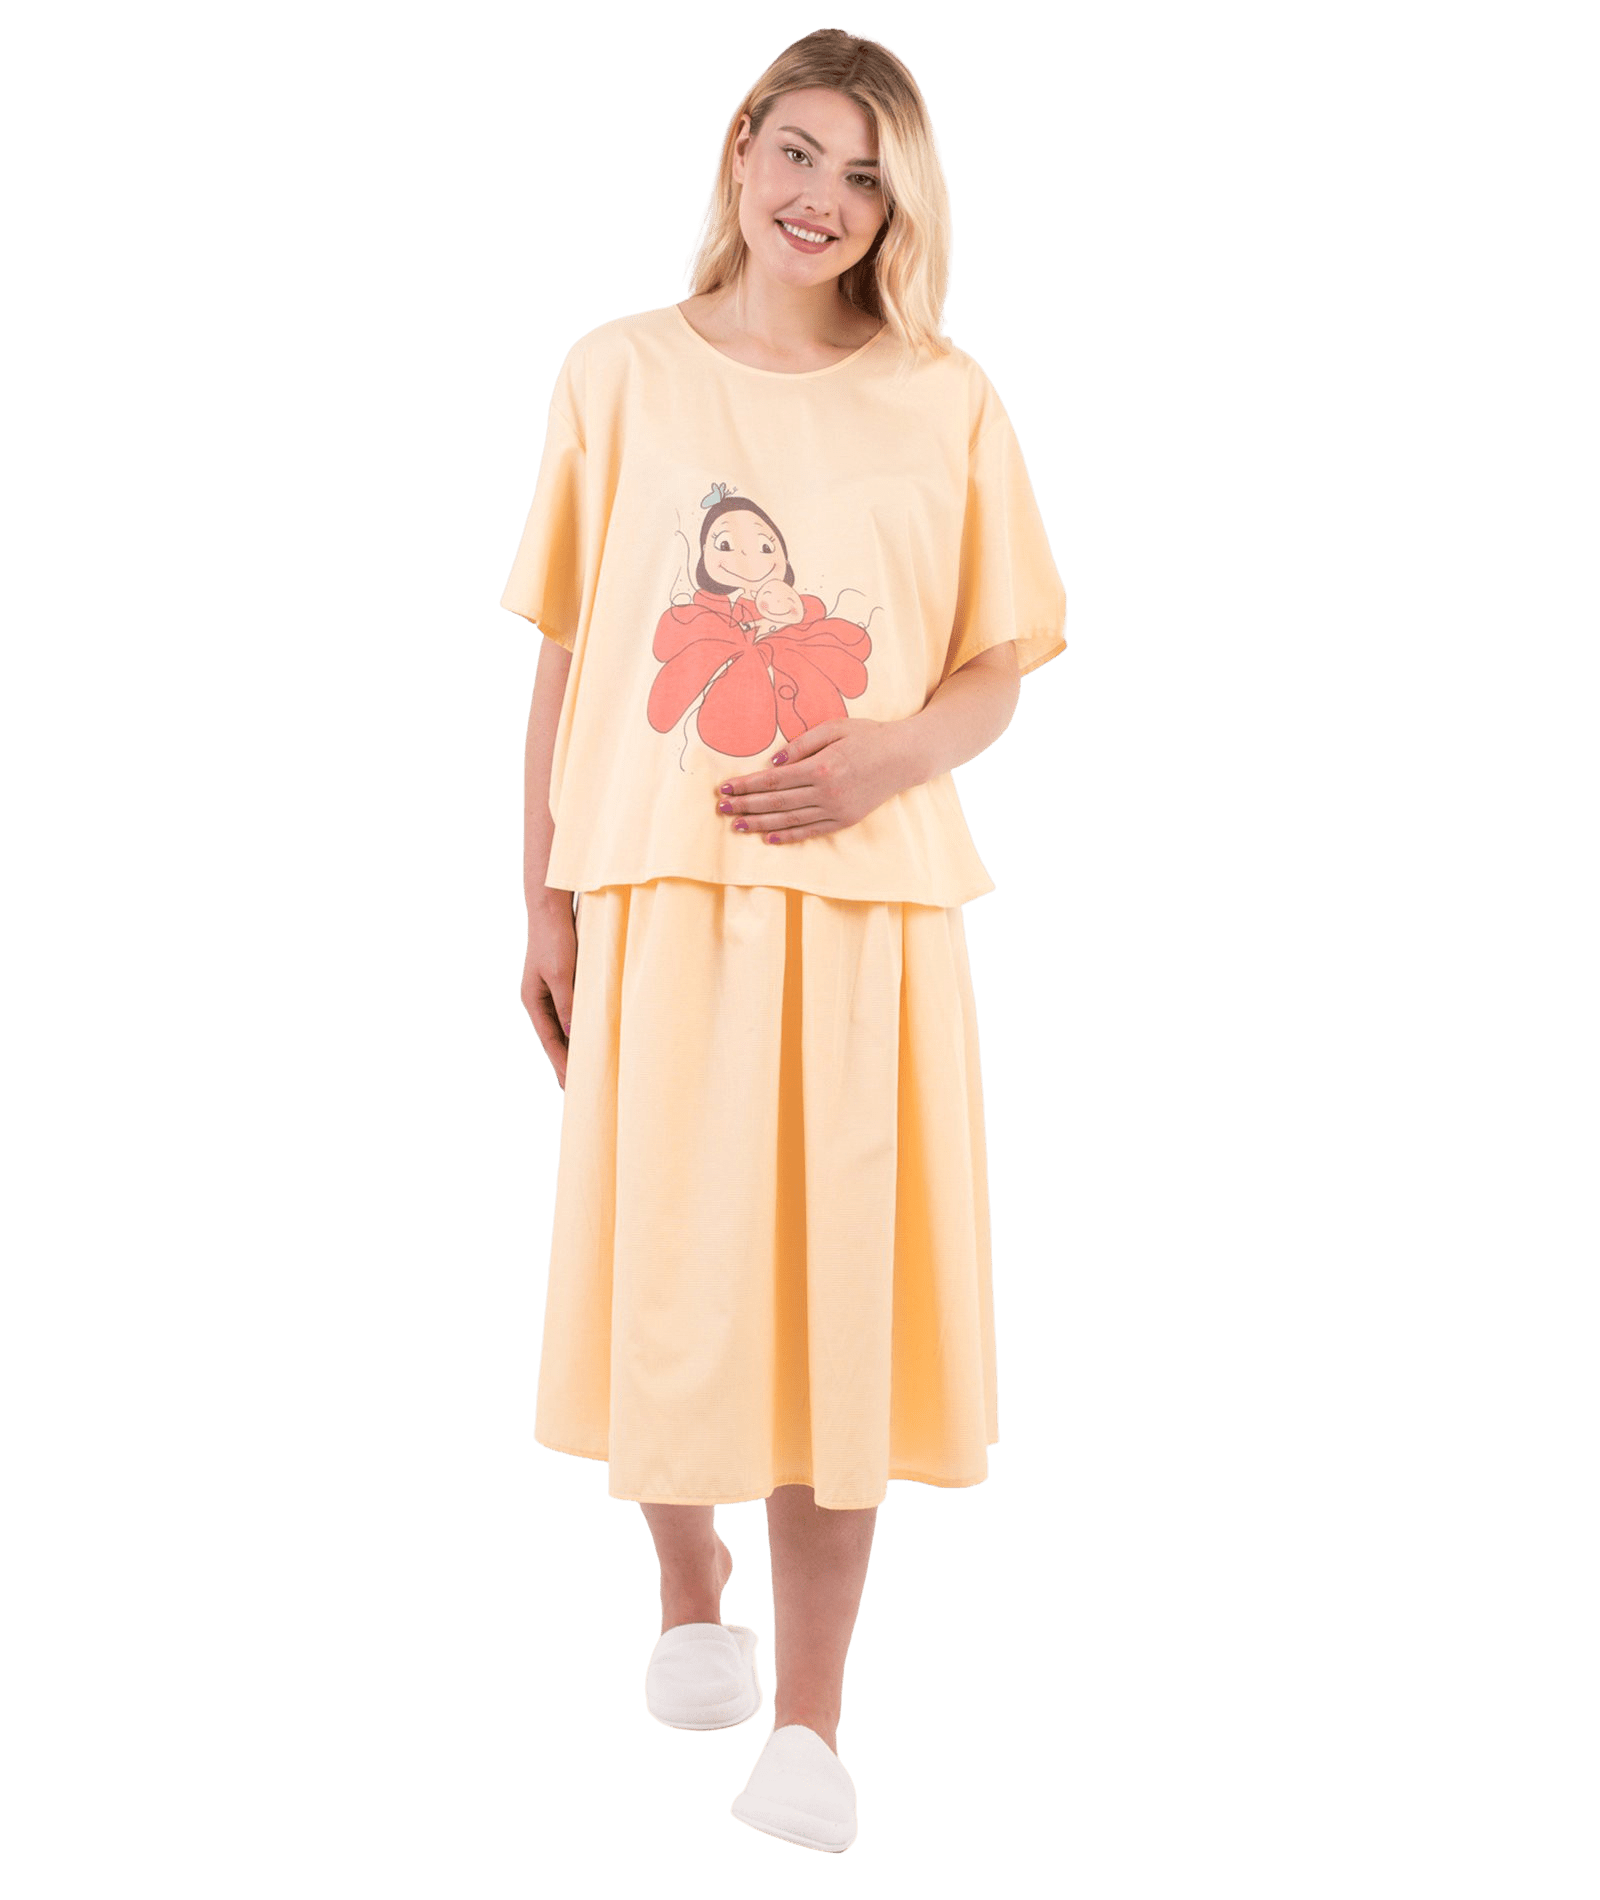 hubladesign doğum elbisesi özellikleri